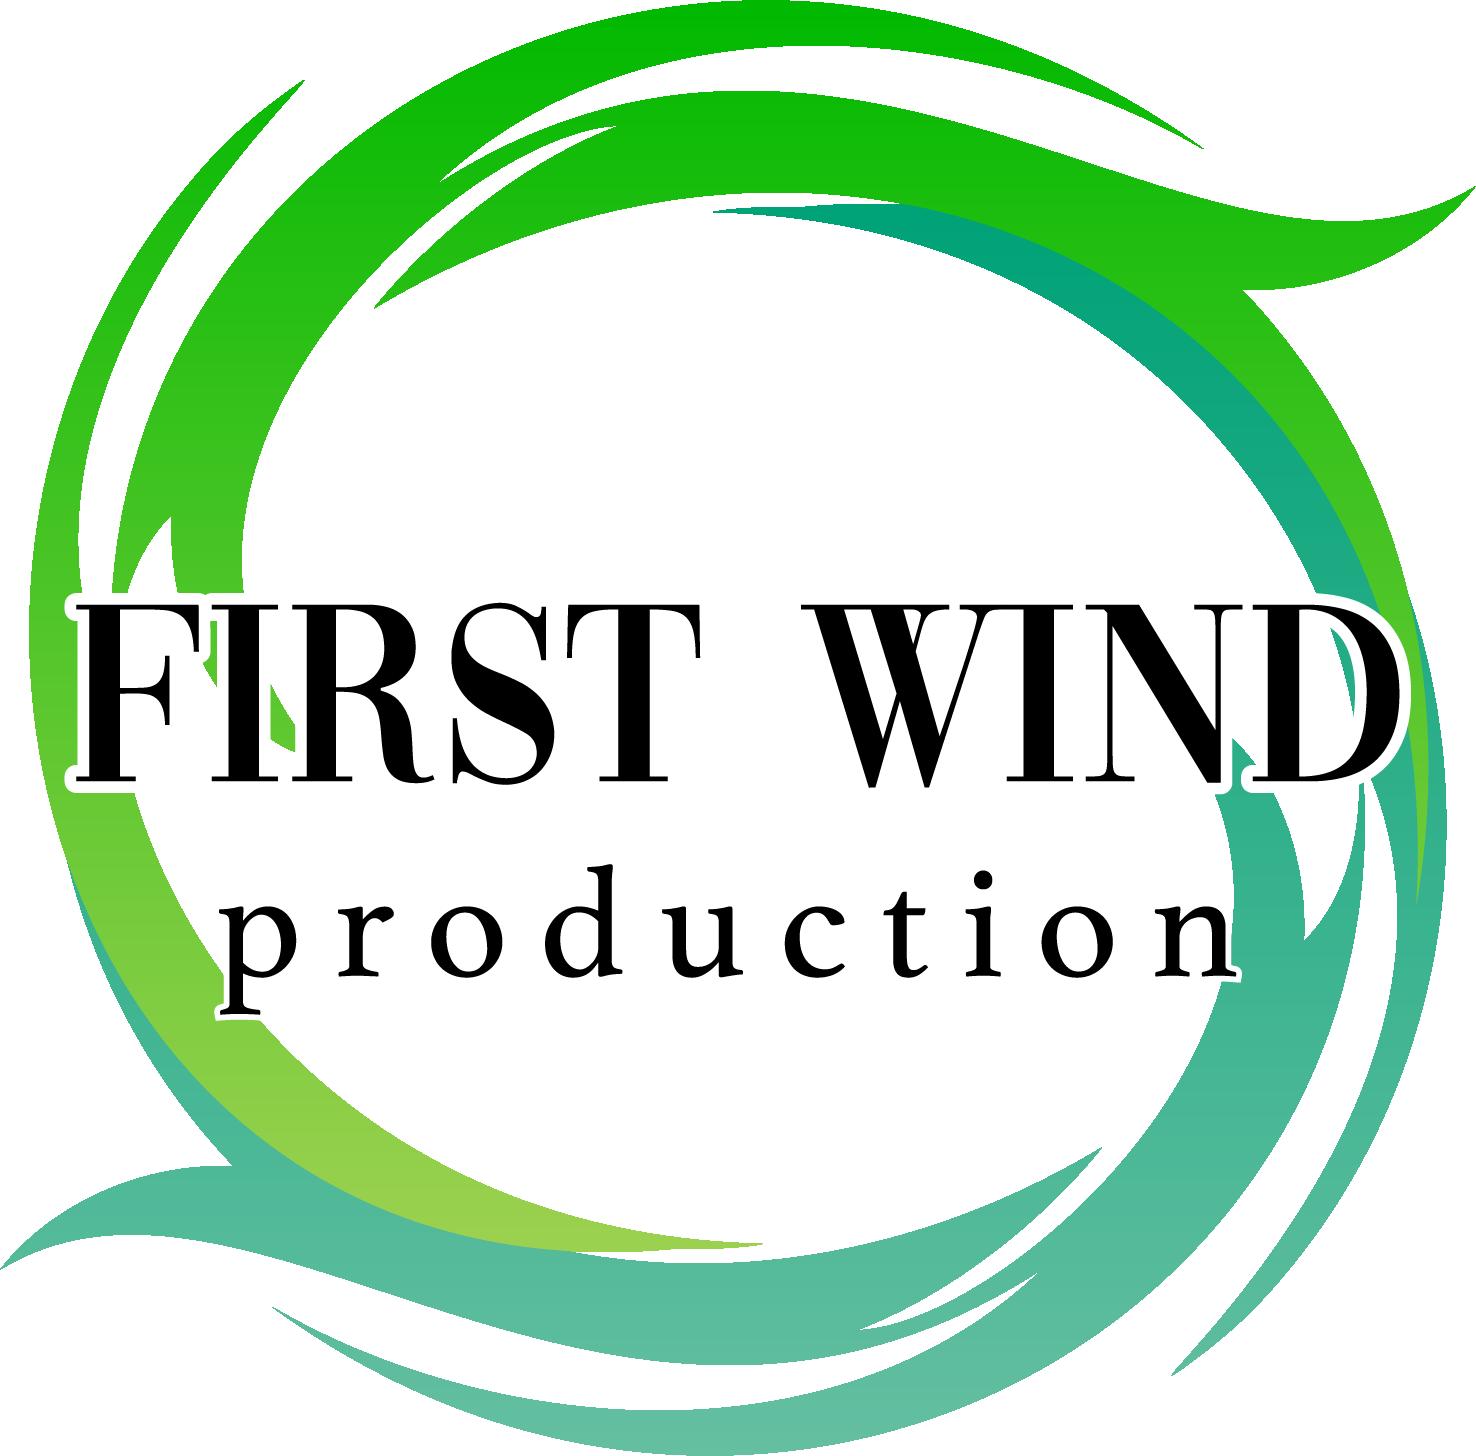 株式会社FIRST WIND production